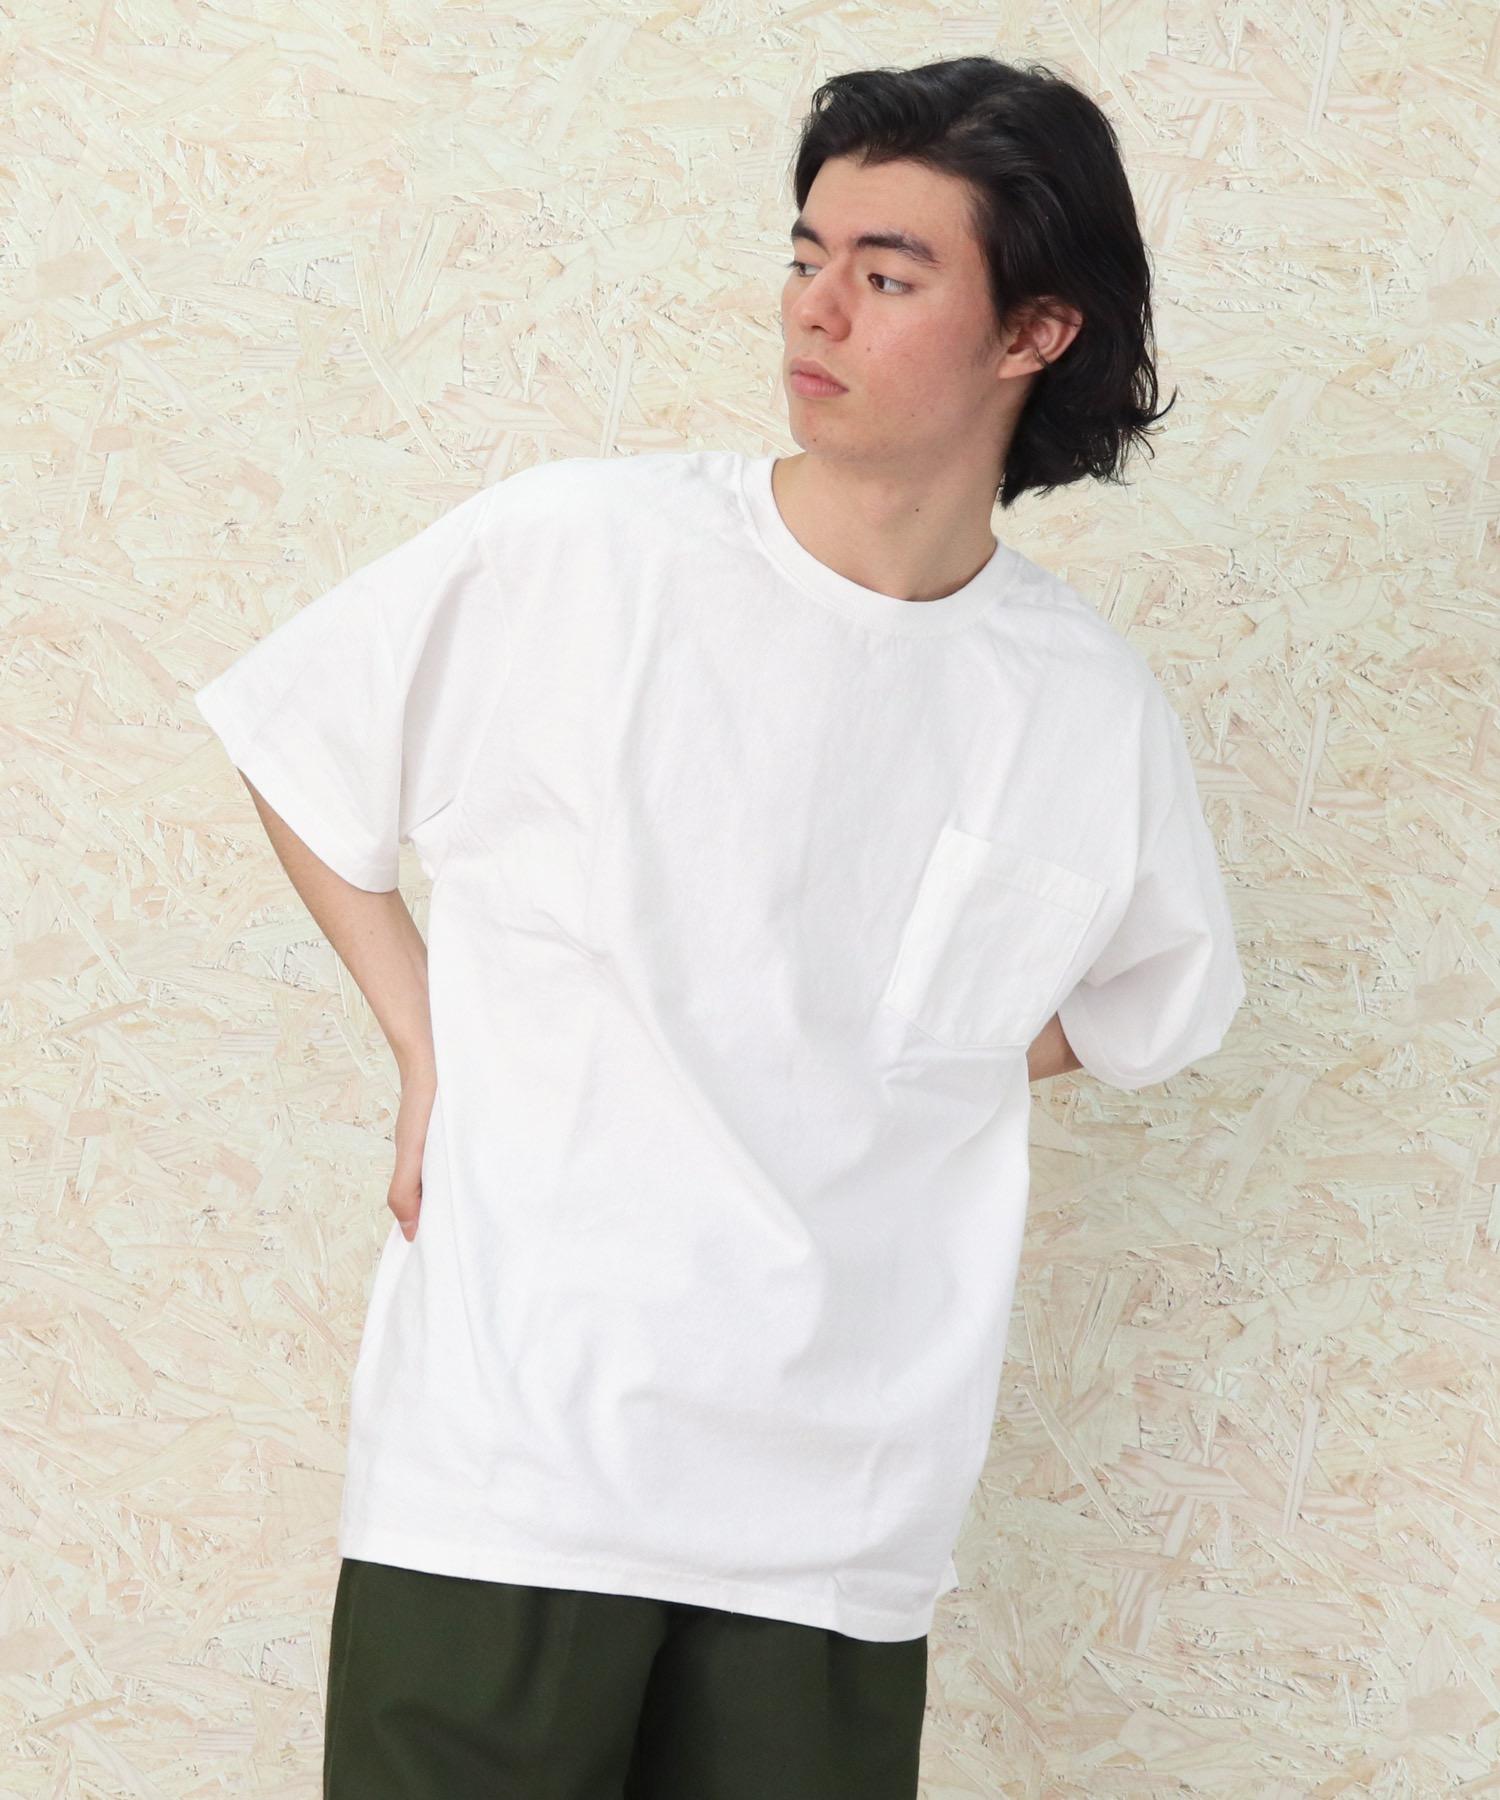 lala Bigin 2021年 6・7月号掲載【 Goodwear /  グッドウェア 】MADE IN USA # レギュラーフィット半袖クルーネック ポケットTシャツ アメリカ製